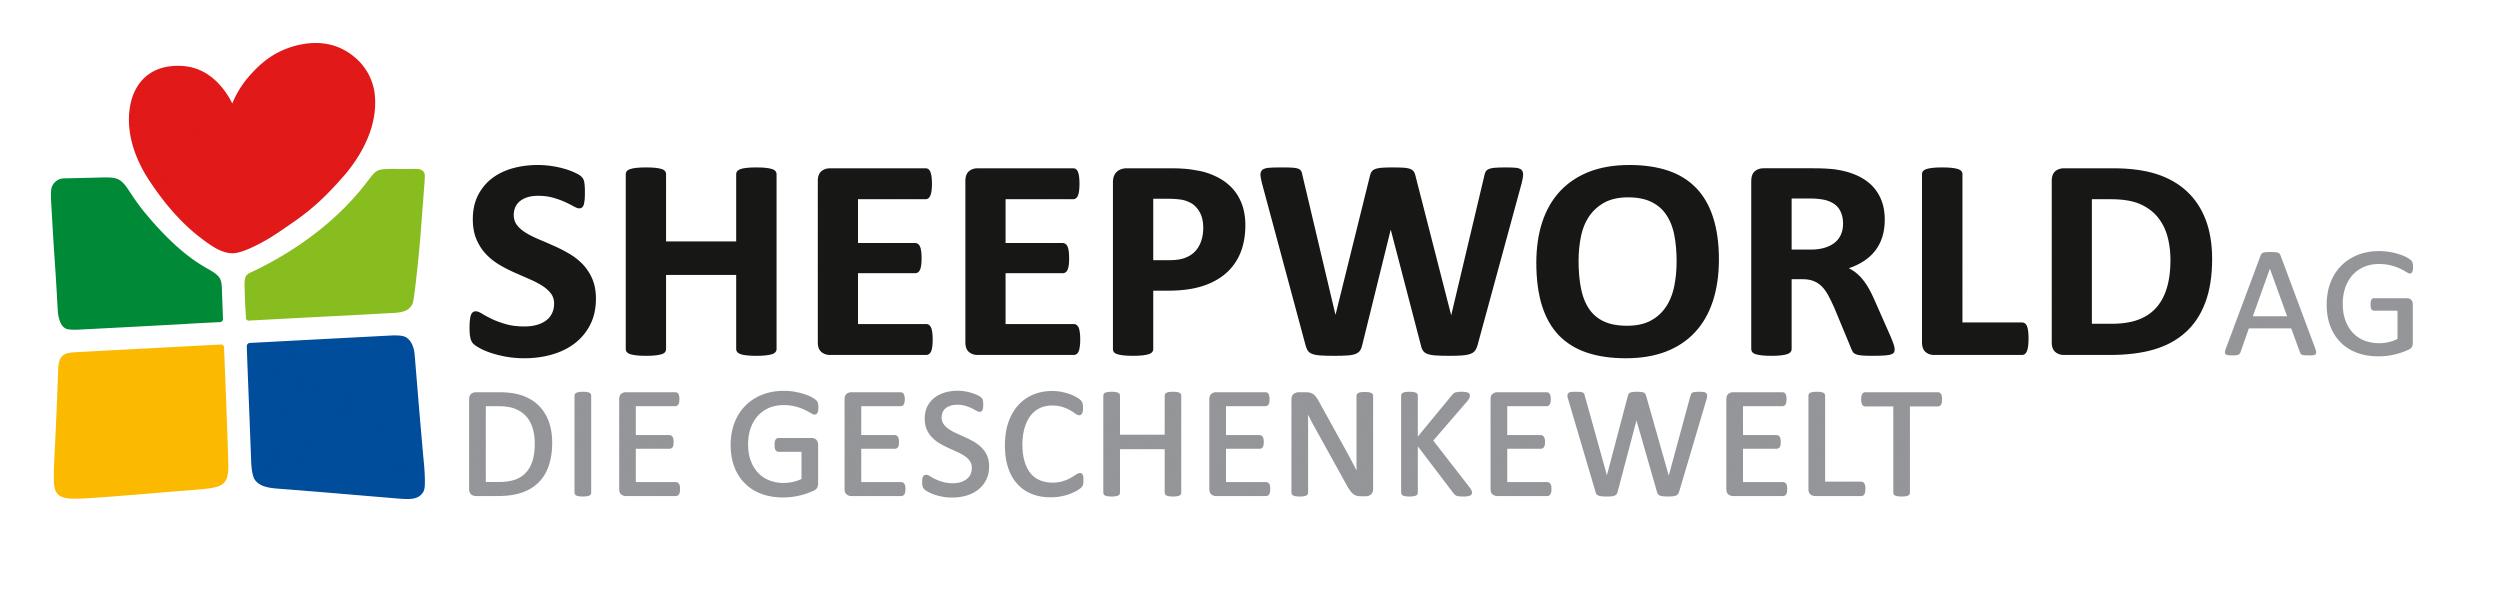 SHEEPWORLD AG